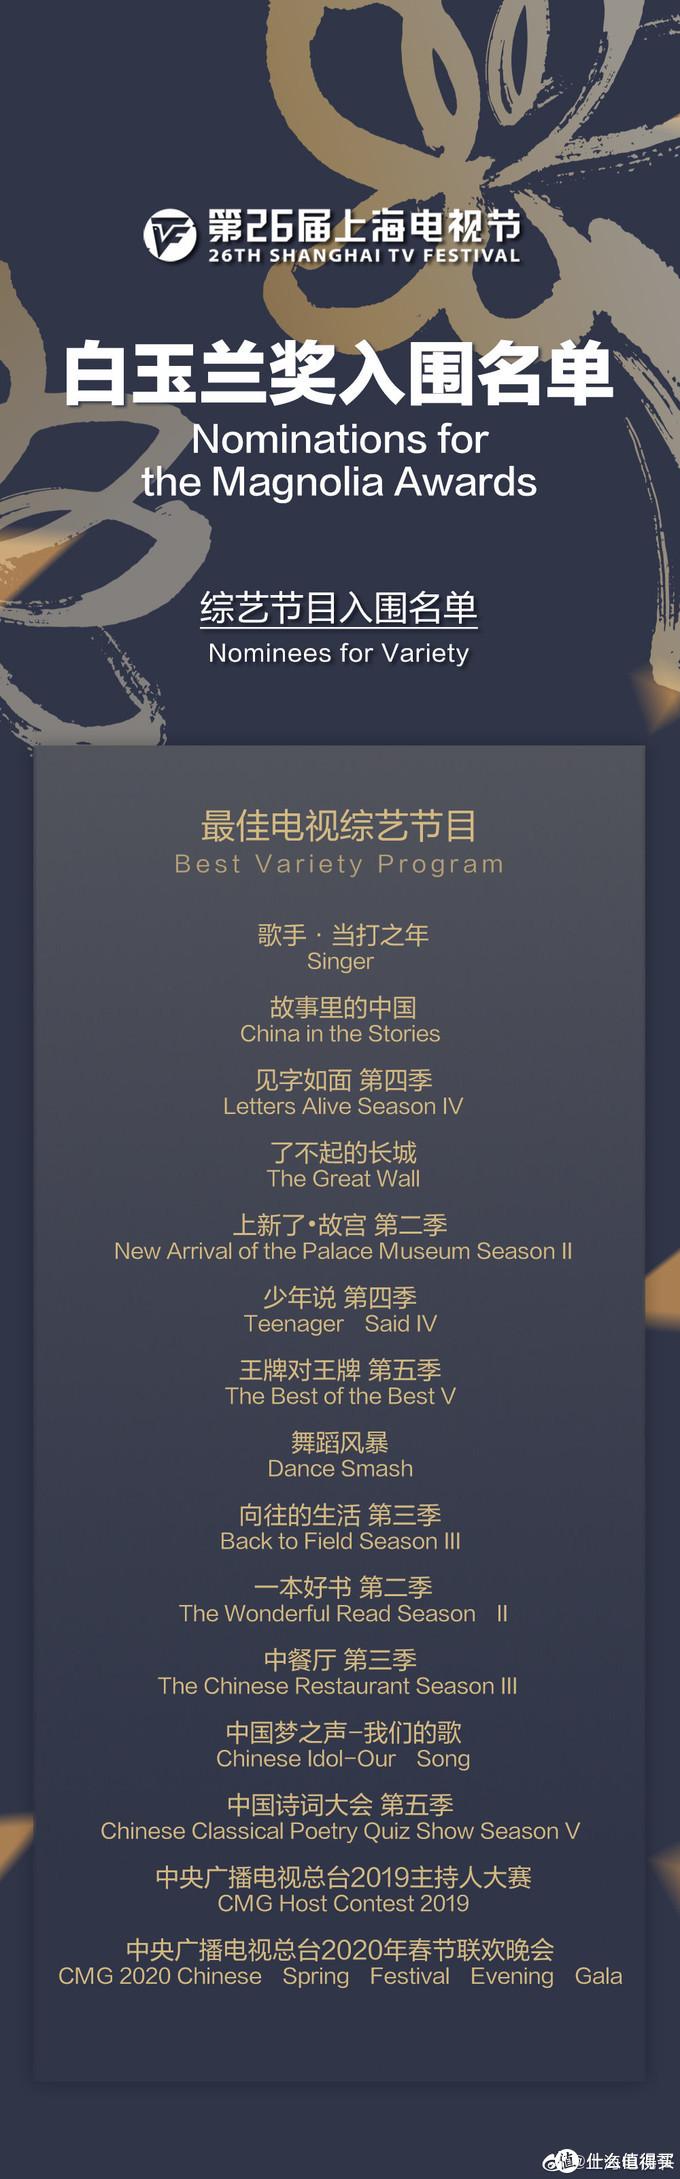 第26届上海电视节白玉兰奖入围全名单公布,《长安十二时辰》《庆余年》《破冰行动》获多项提名,《鬼灭之刃》在列